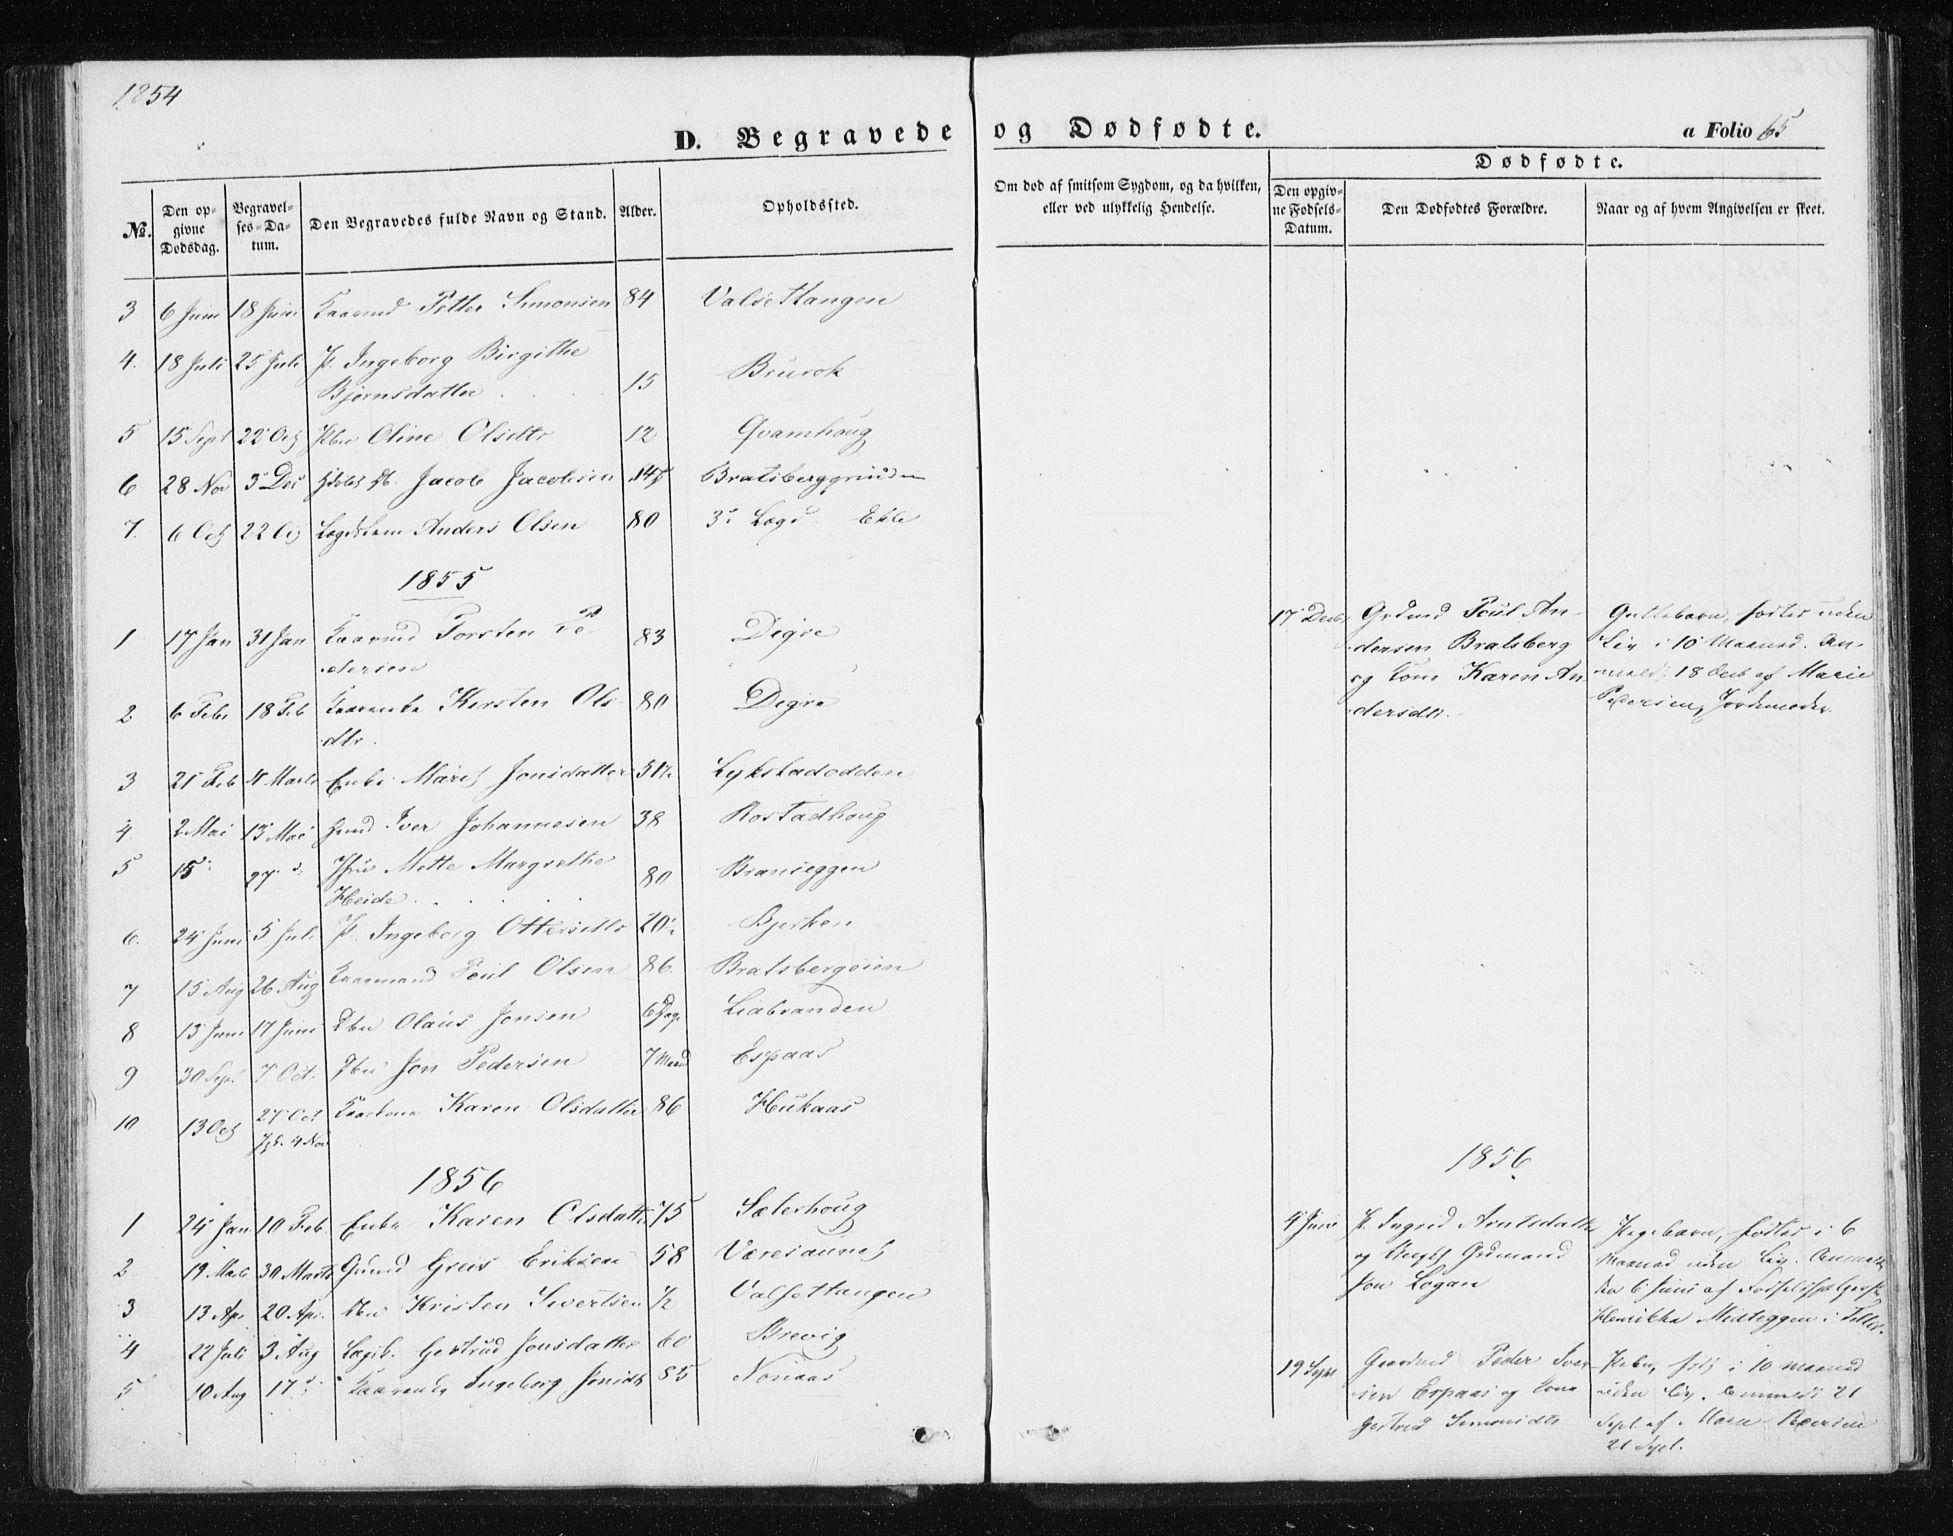 SAT, Ministerialprotokoller, klokkerbøker og fødselsregistre - Sør-Trøndelag, 608/L0332: Ministerialbok nr. 608A01, 1848-1861, s. 65